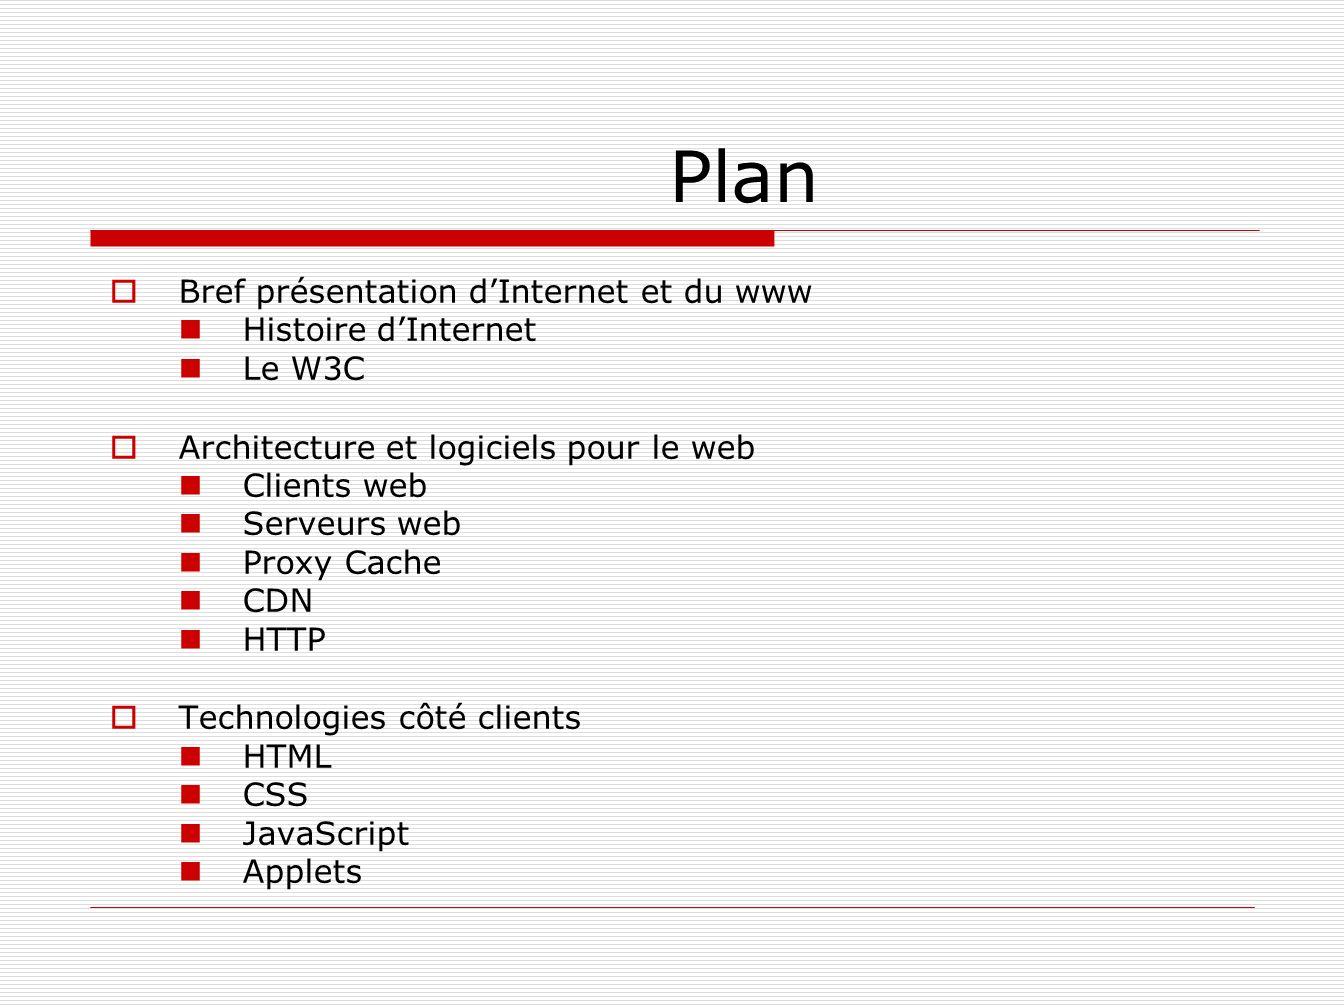 HTML (FORMS) 2 méthodes, POST et GET La différence concerne la façon dont les données sont encodées GET est utilisé dans le cas de demandes pures (pas de modifications des données sur le serveur).